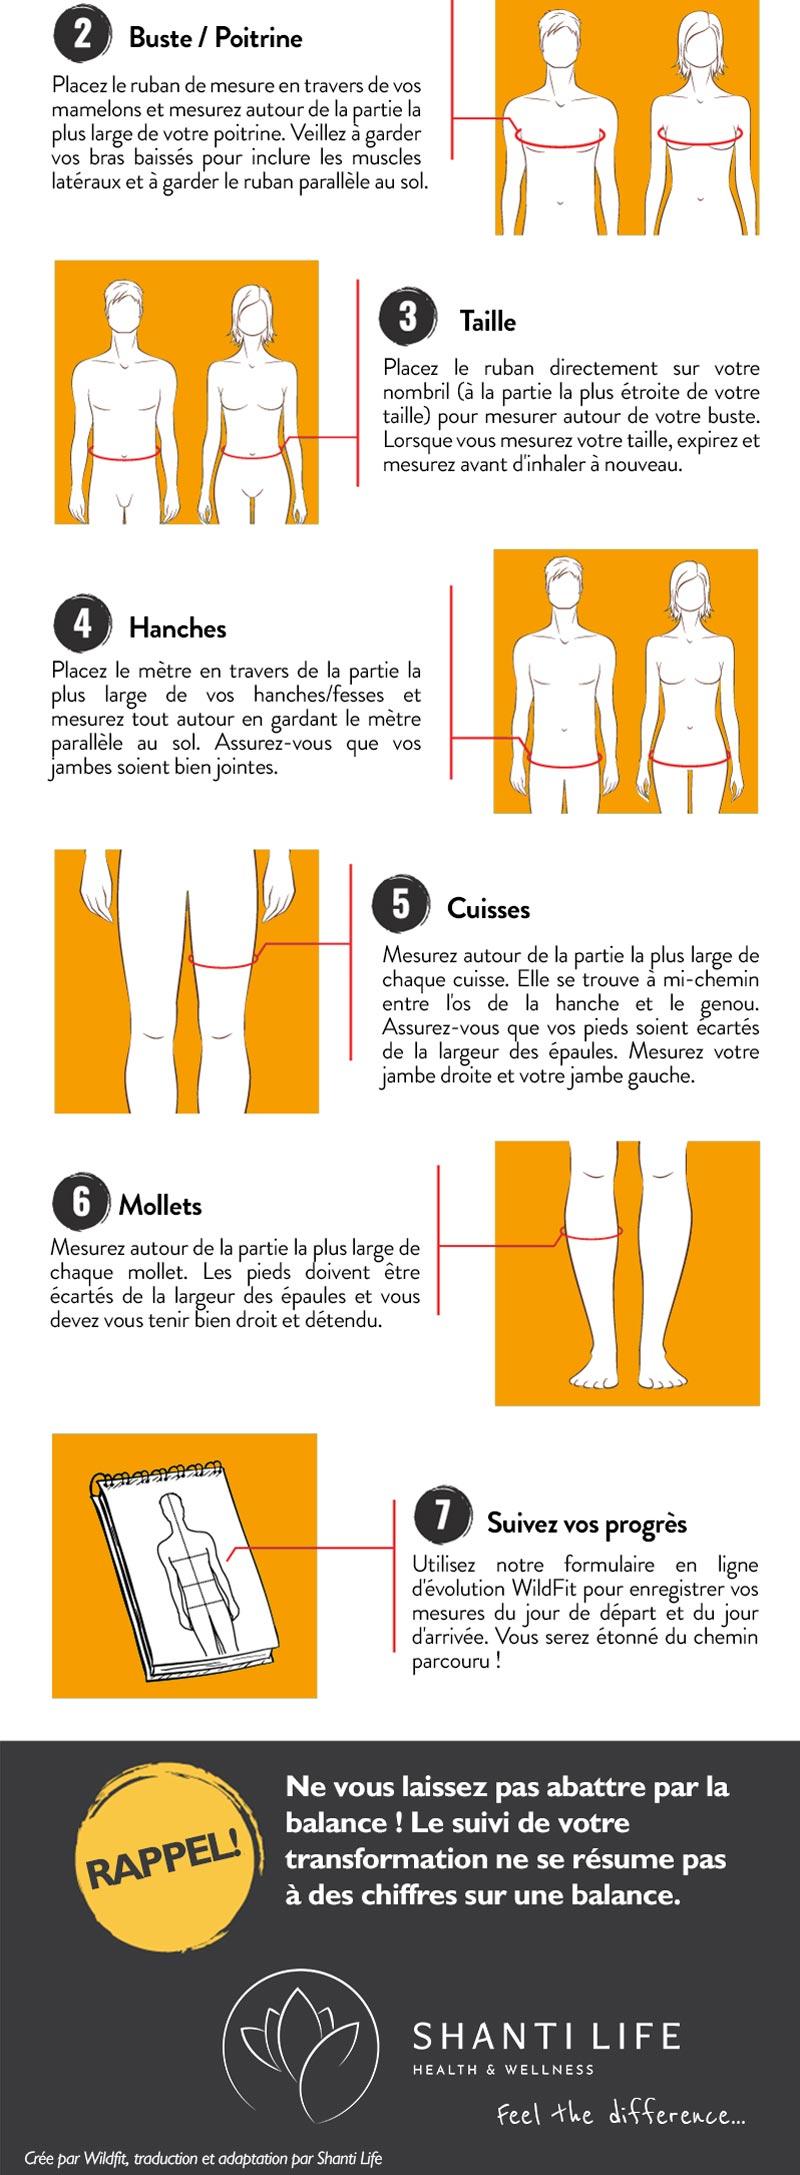 Mesure-guide1-2